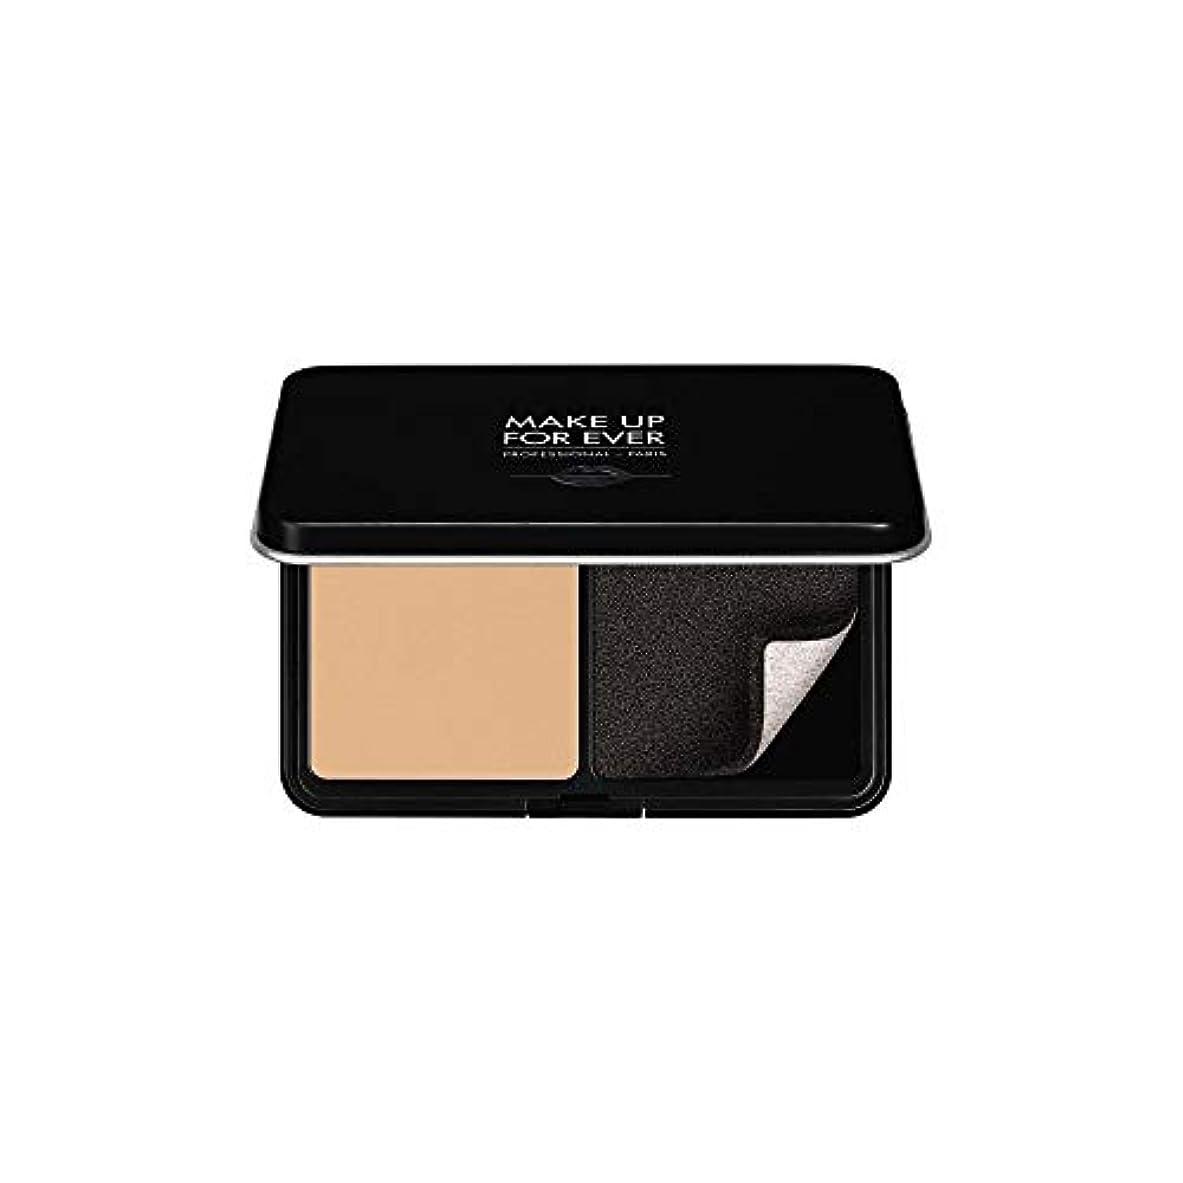 反対ほめるルーメイクアップフォーエバー Matte Velvet Skin Blurring Powder Foundation - # Y235 (Ivory Beige) 11g/0.38oz並行輸入品